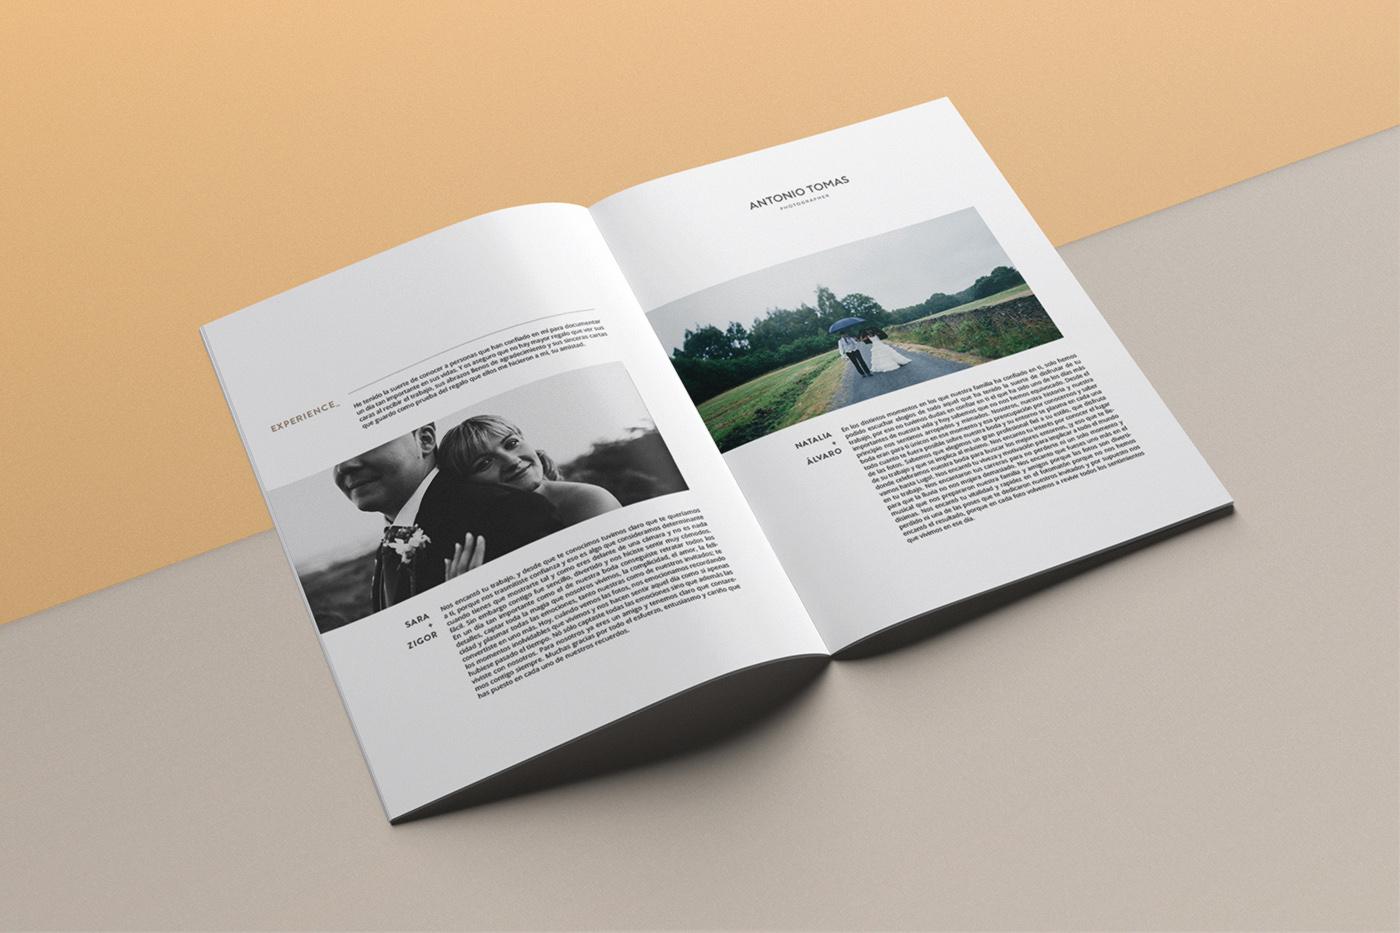 Antonio Tomas stylebook 3